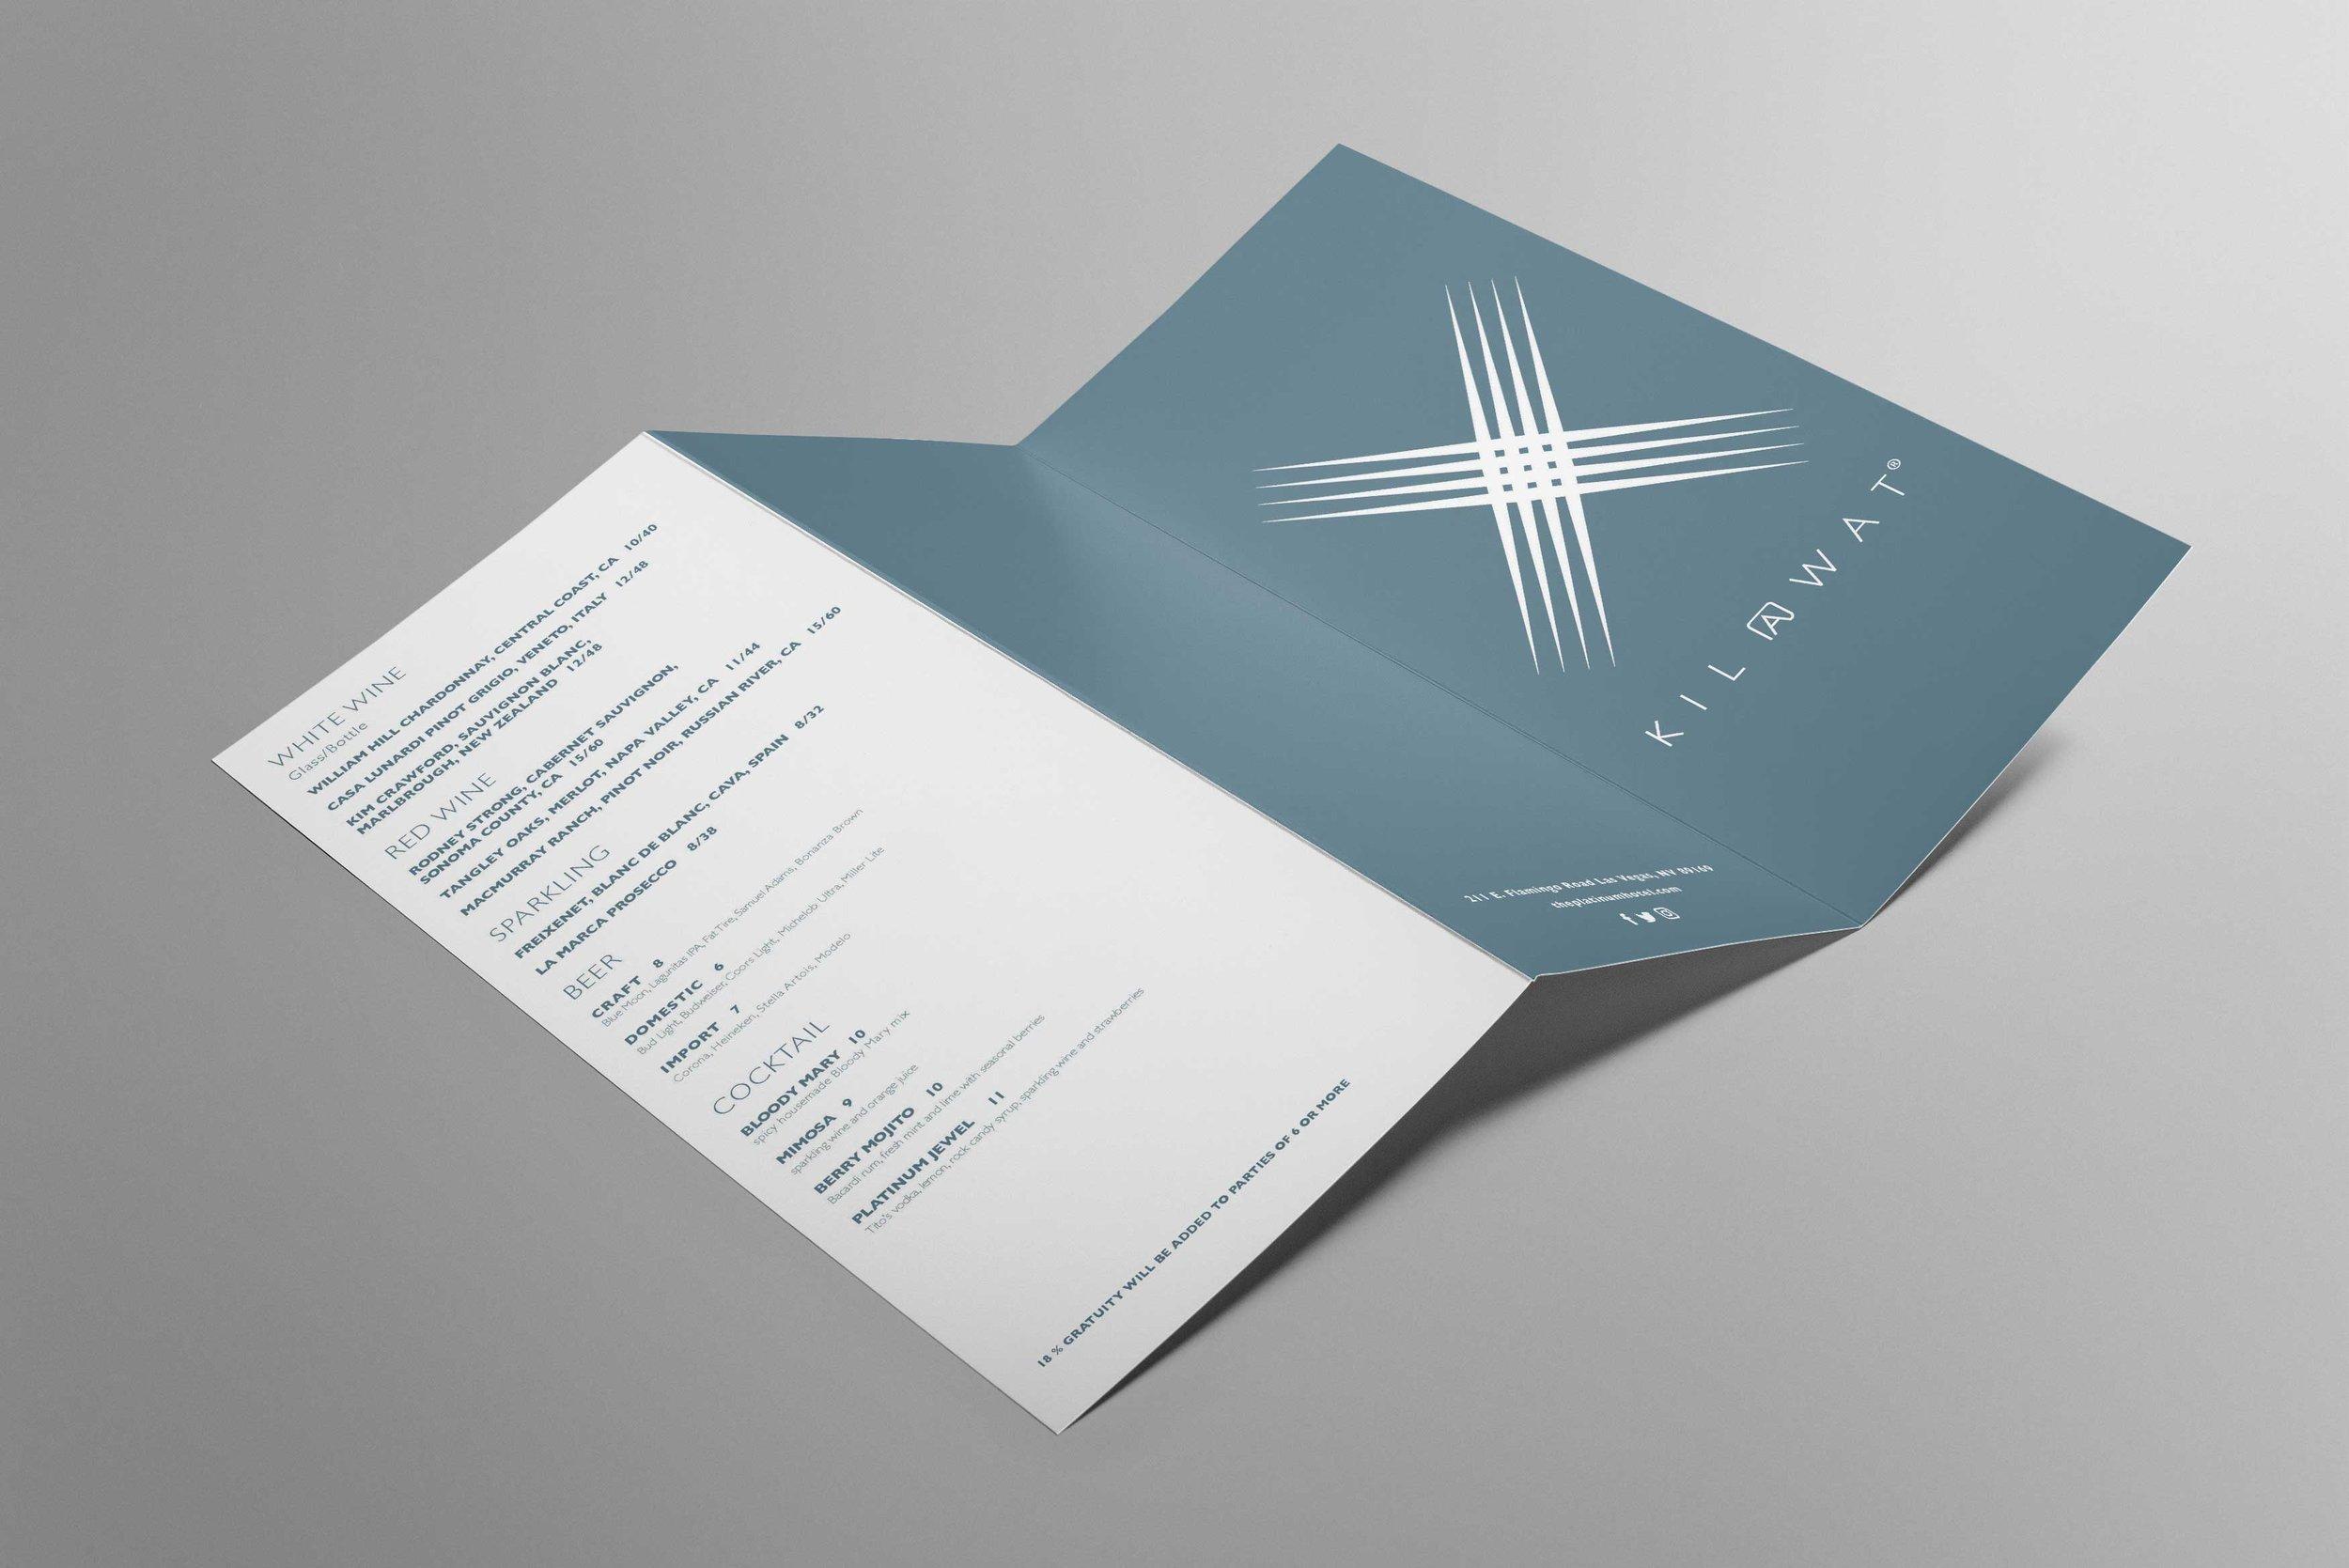 Kilawat_PLT_tri-fold-menu_03.jpg